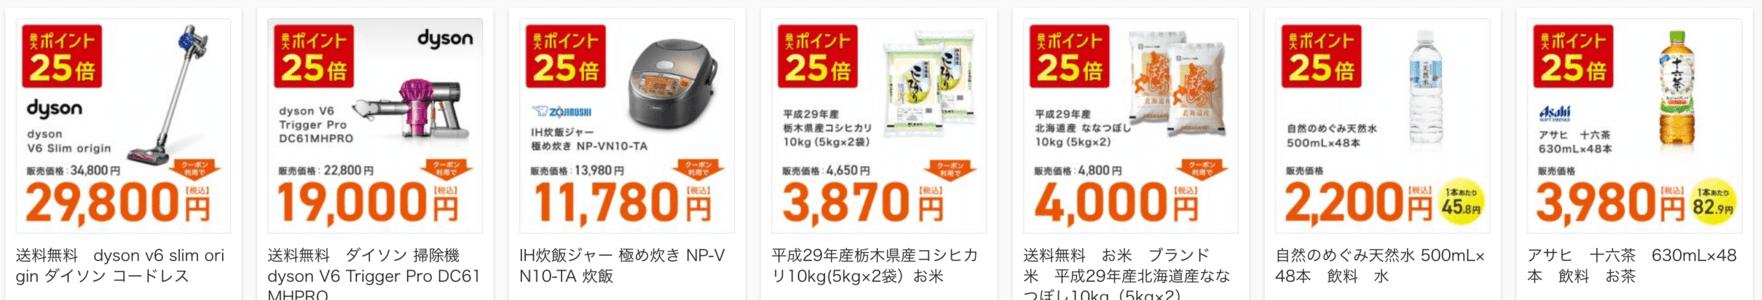 【期間限定】ライフデザインセレクション「最大5000円OFF&ポイント25倍」クーポンキャンペーン